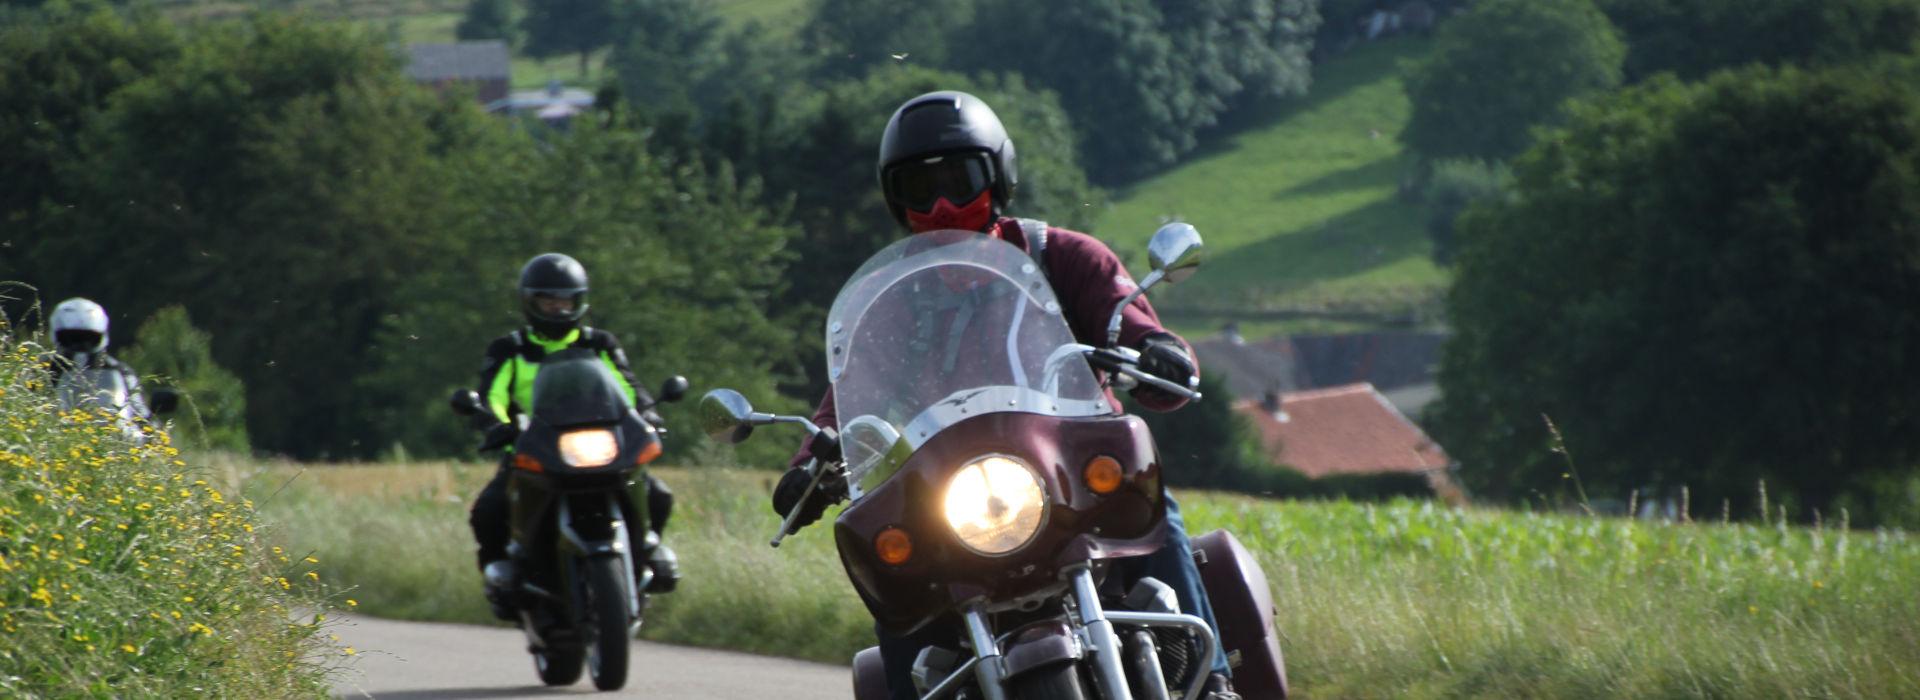 Motorrijbewijspoint Yerseke motorrijlessen